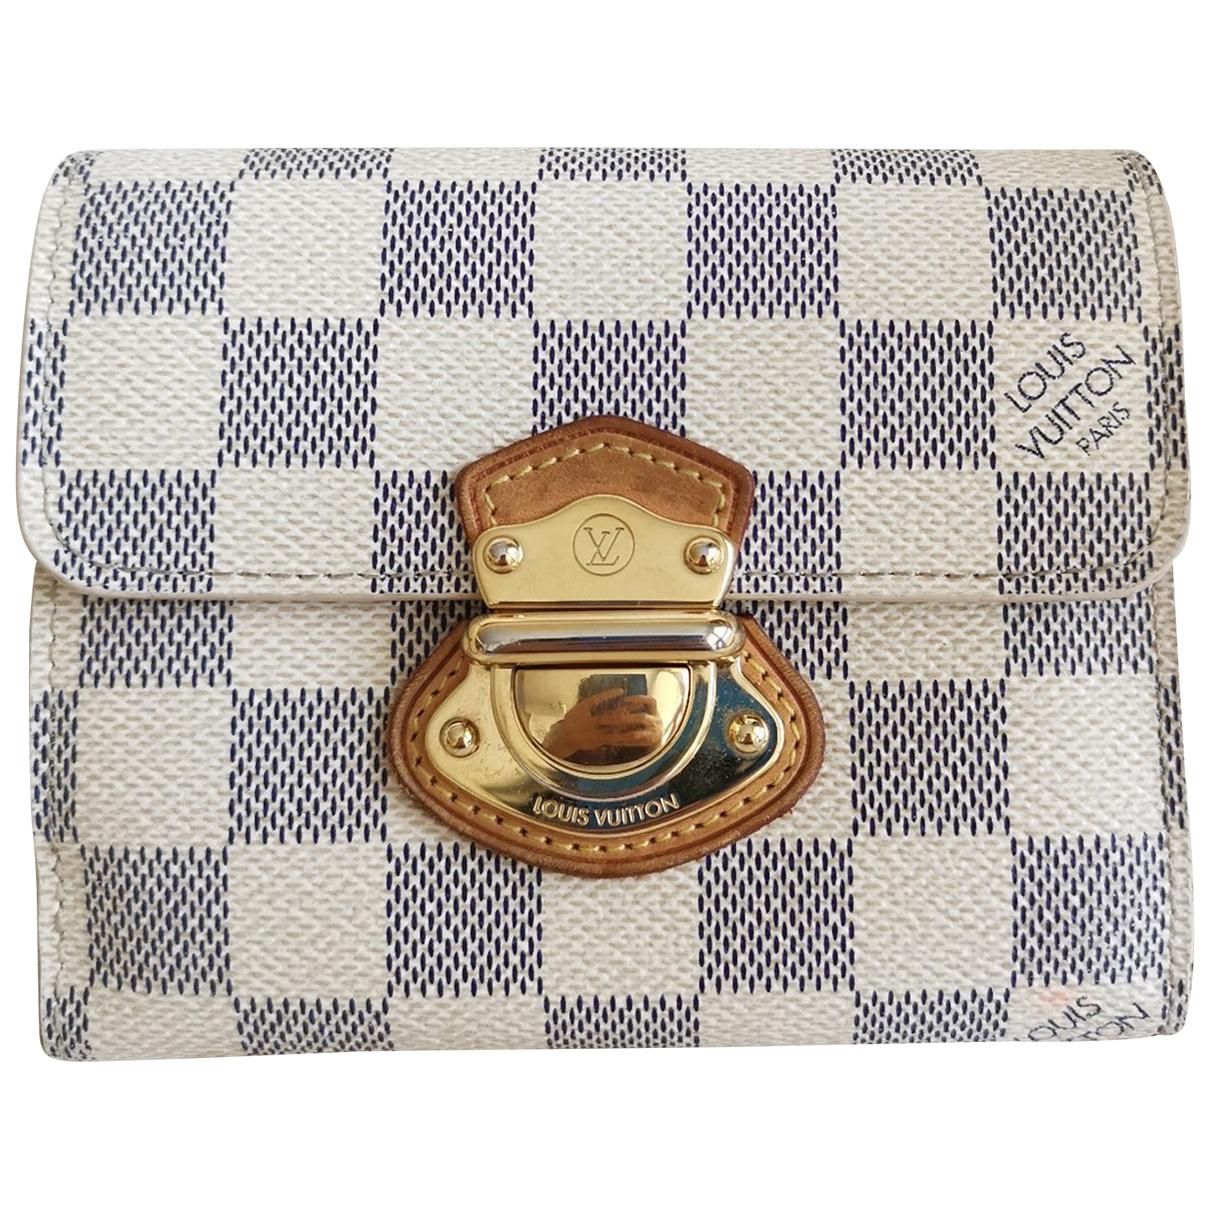 Louis Vuitton \N Portemonnaie in  Beige Leinen